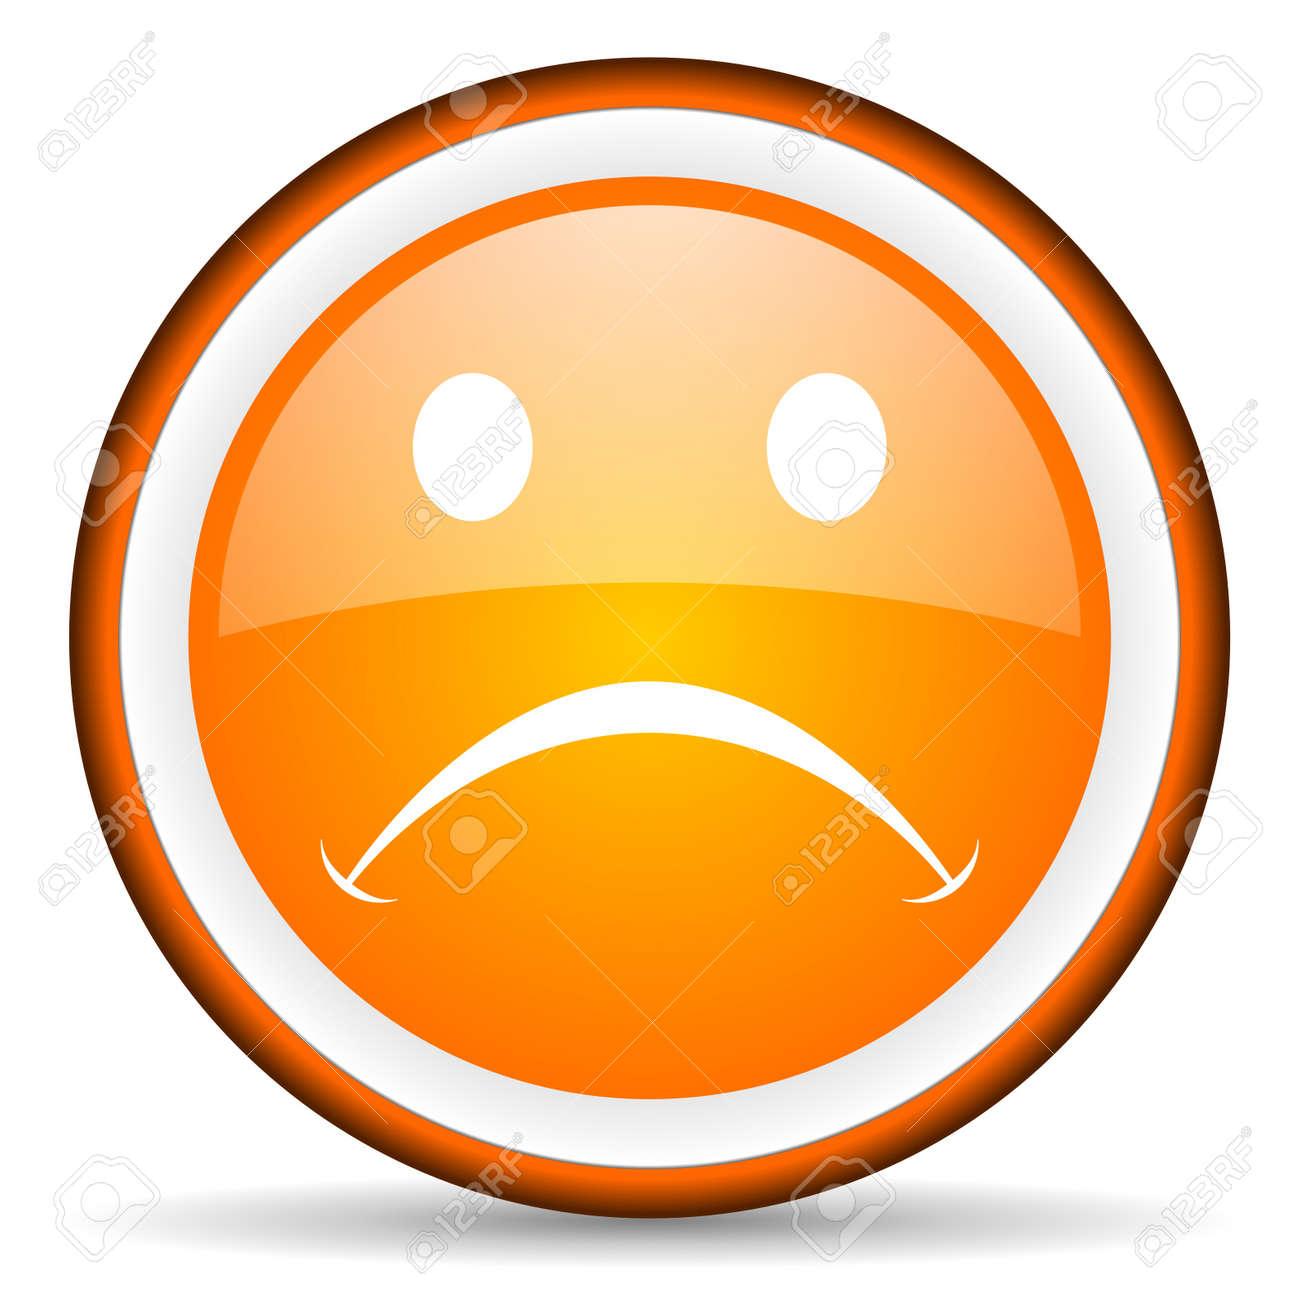 cry orange glossy icon on white background Stock Photo - 16881493